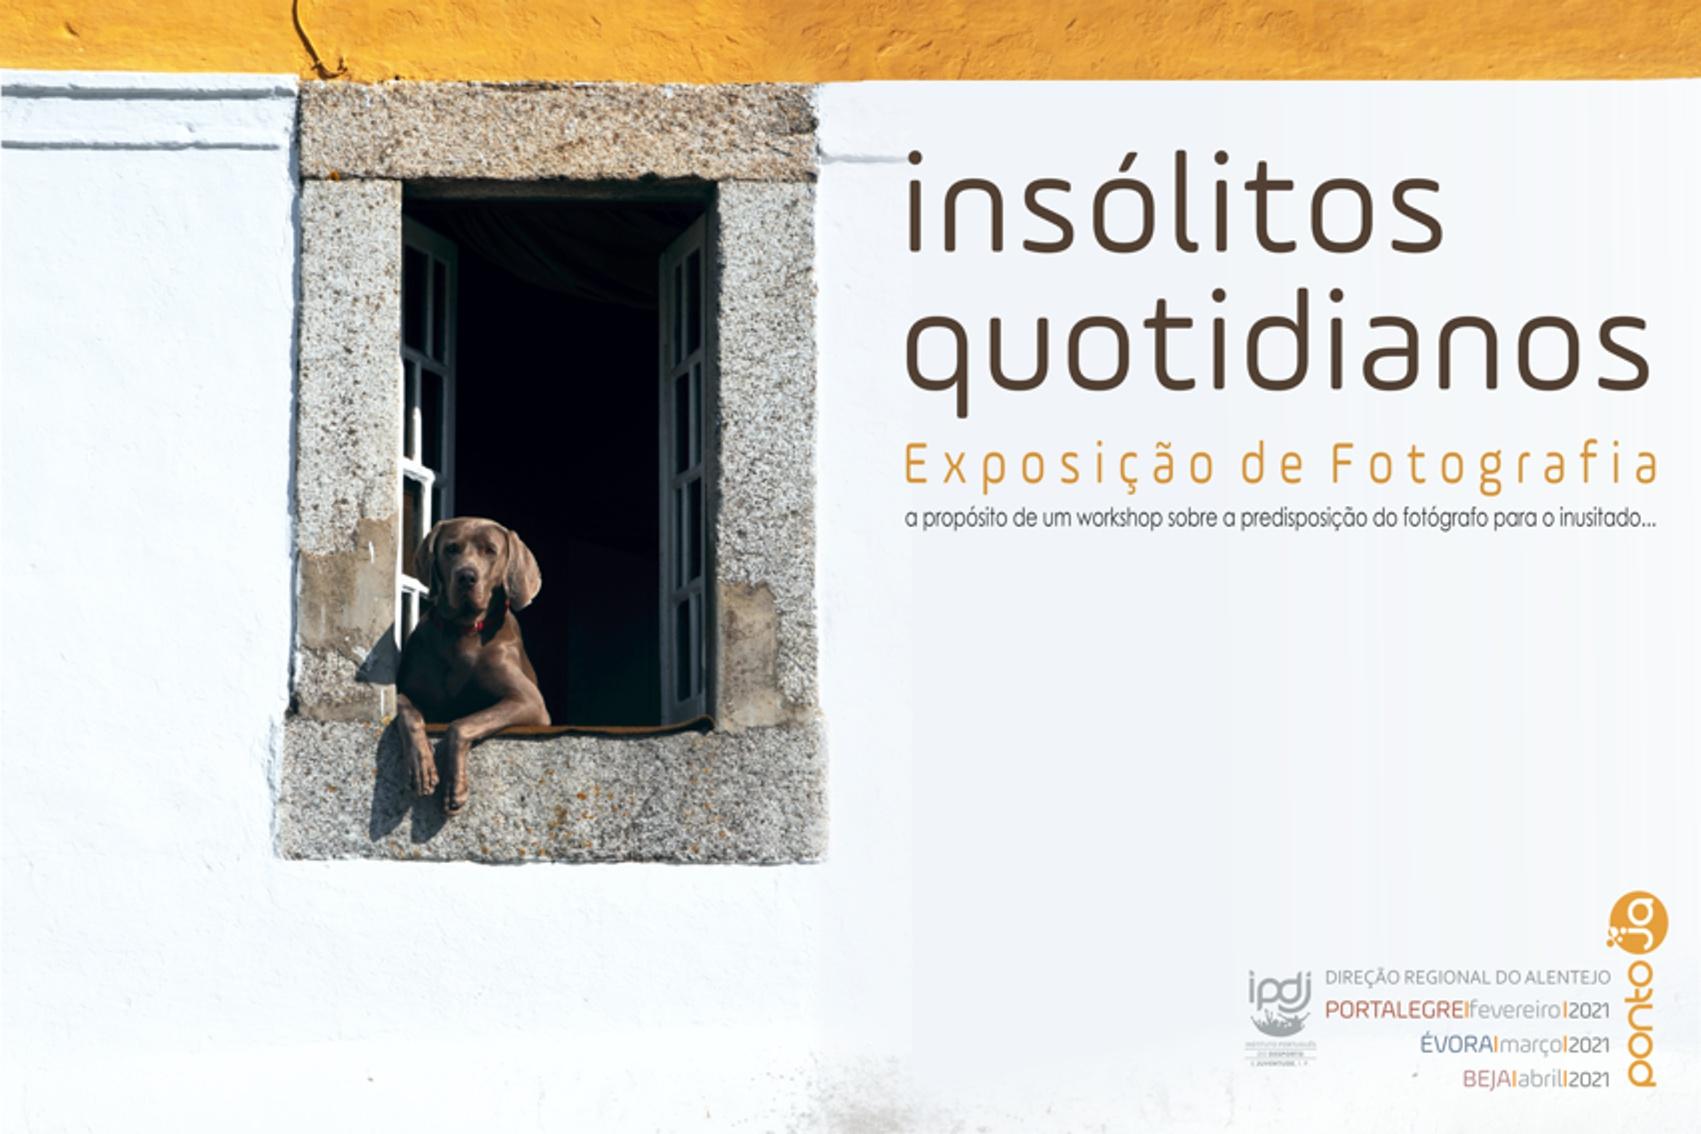 Cartaz sobre a exposição (cão à janela)